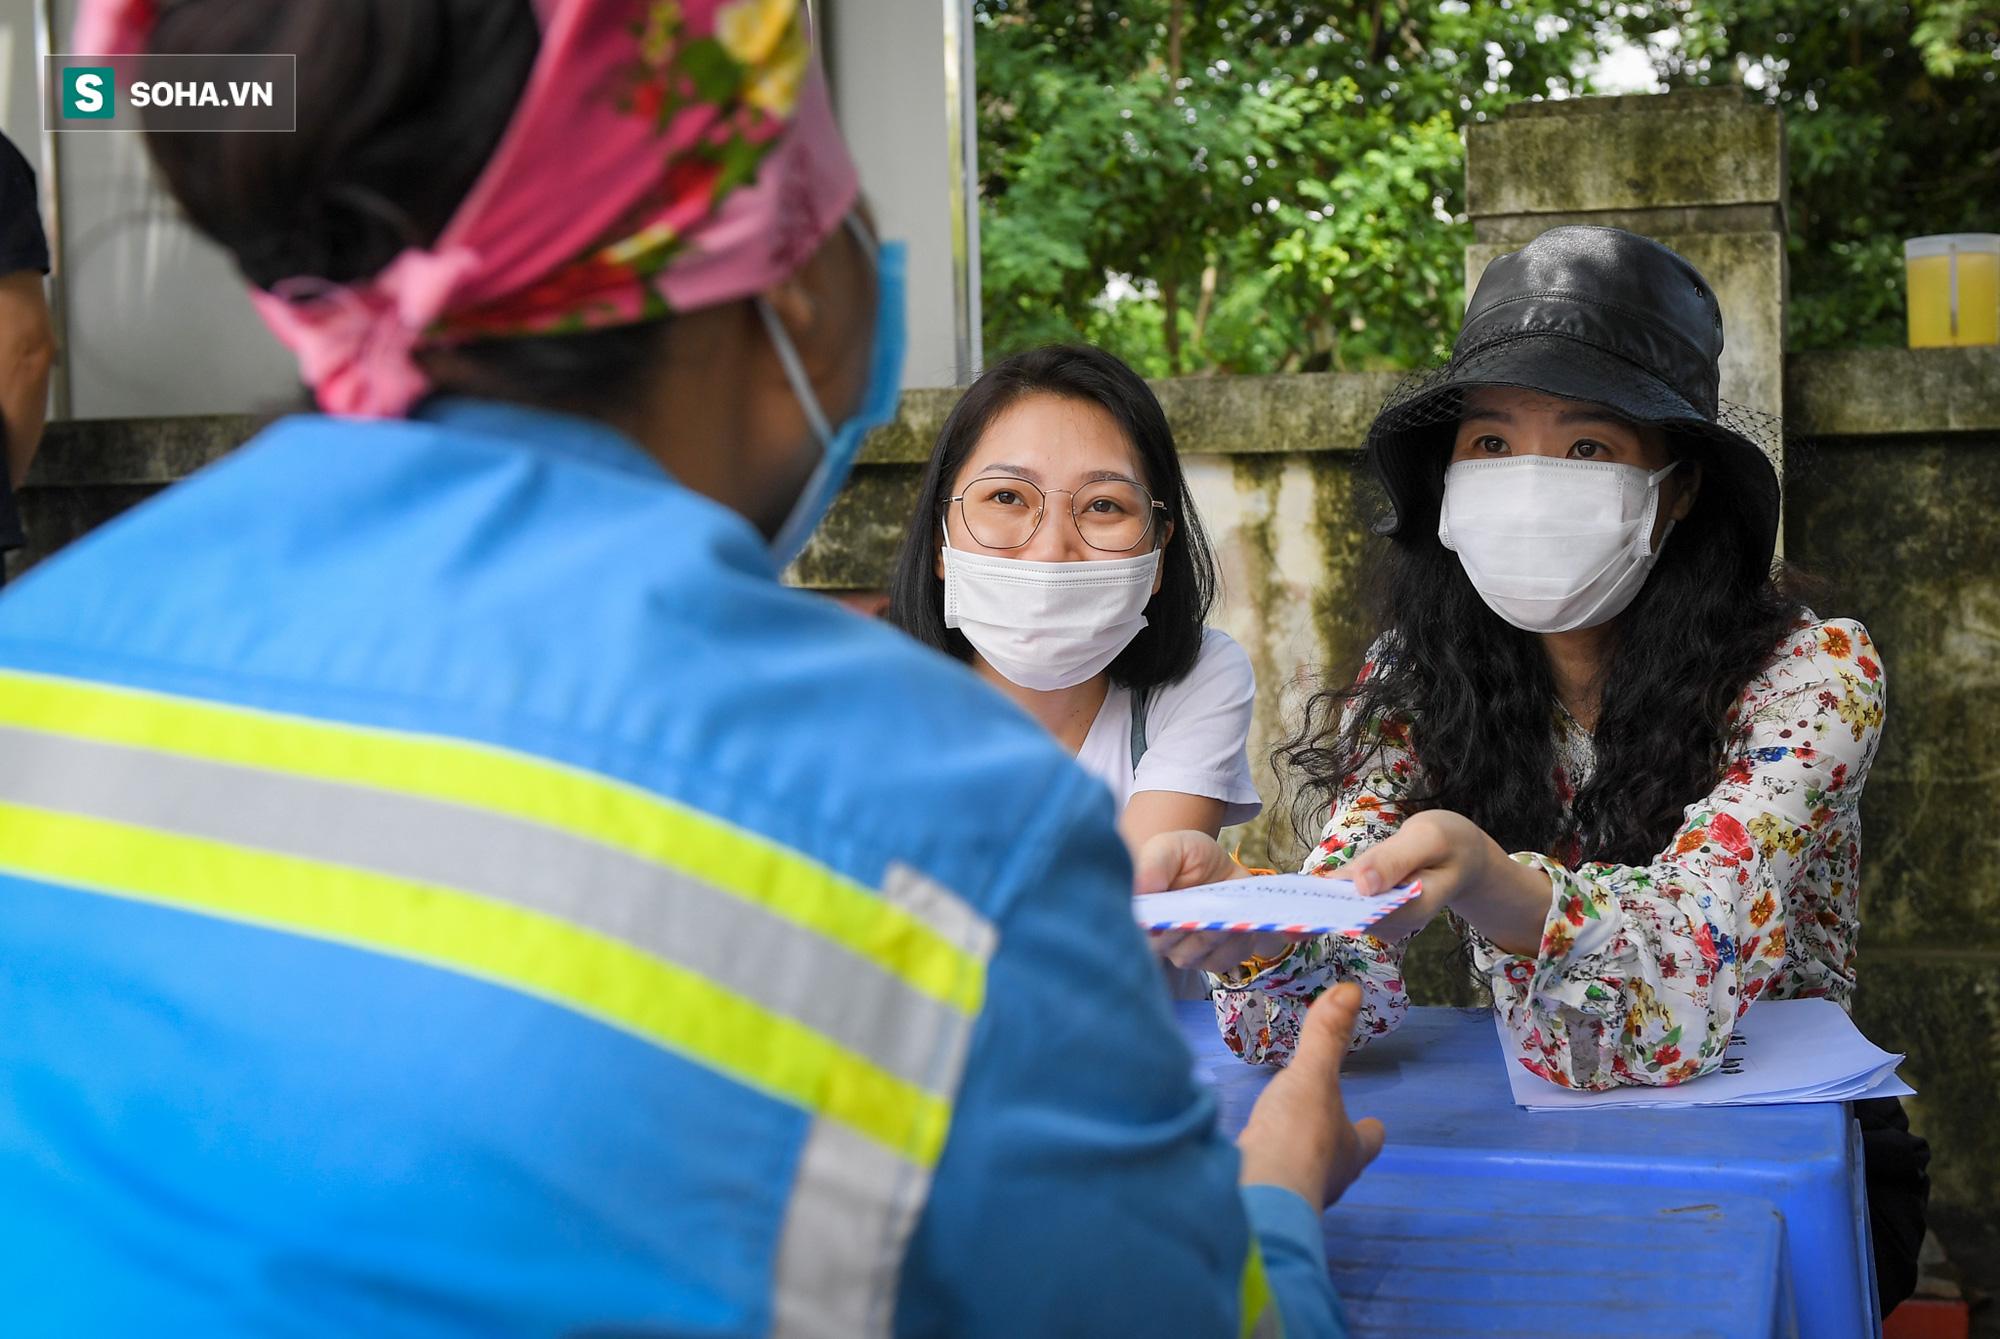 Nữ công nhân môi trường bị nợ lương xúc động khi nhận hỗ trợ: Có người coi thường gọi con rác ơi! - Ảnh 8.